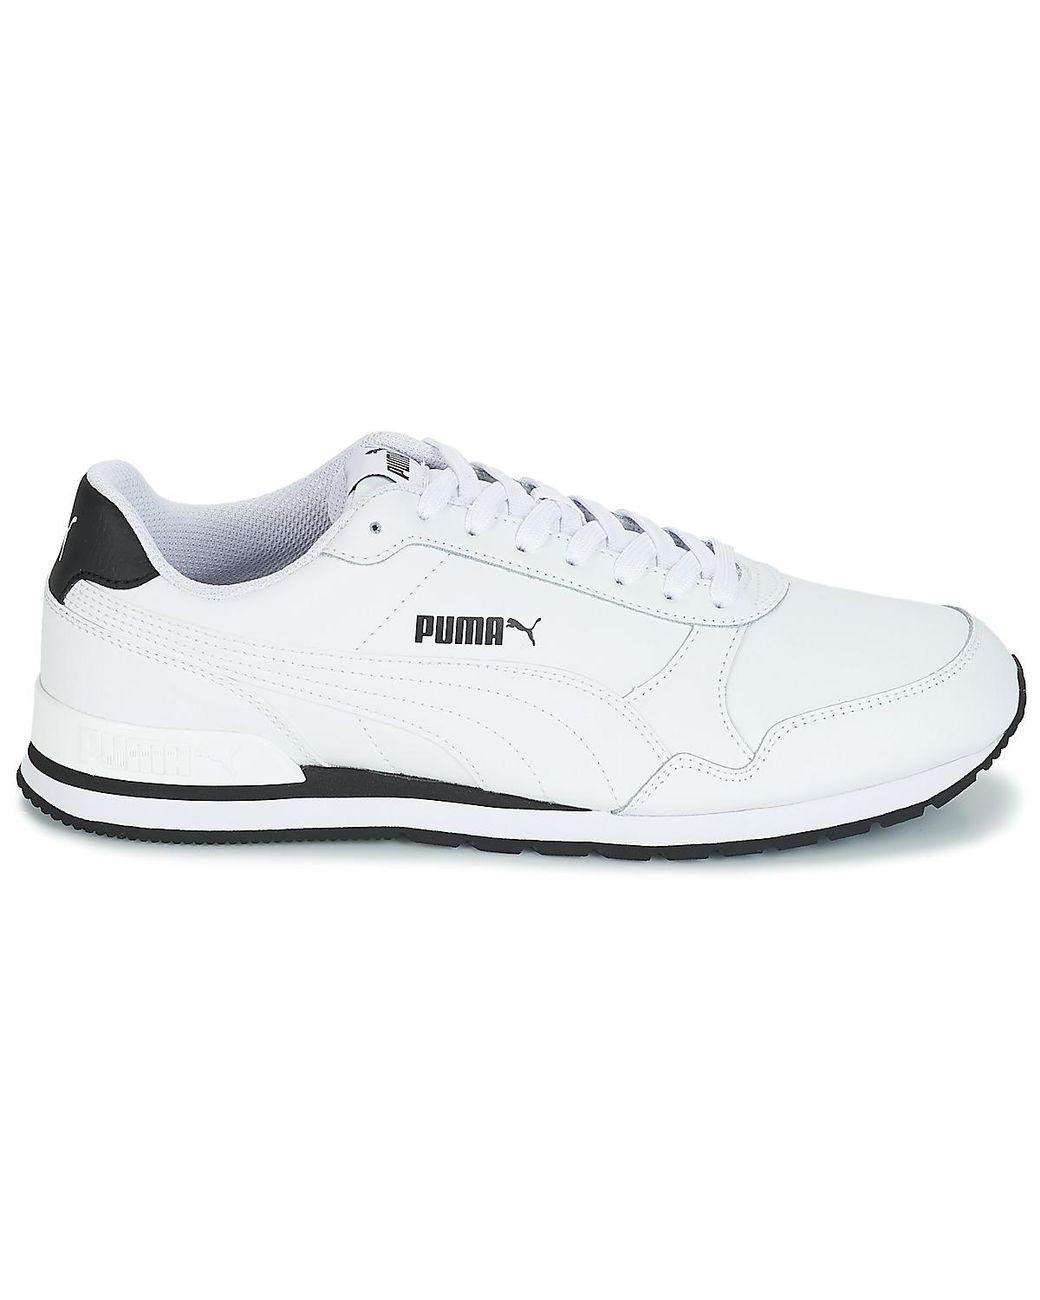 ST RUNNER V2 FUL.WHT hommes Chaussures en blanc